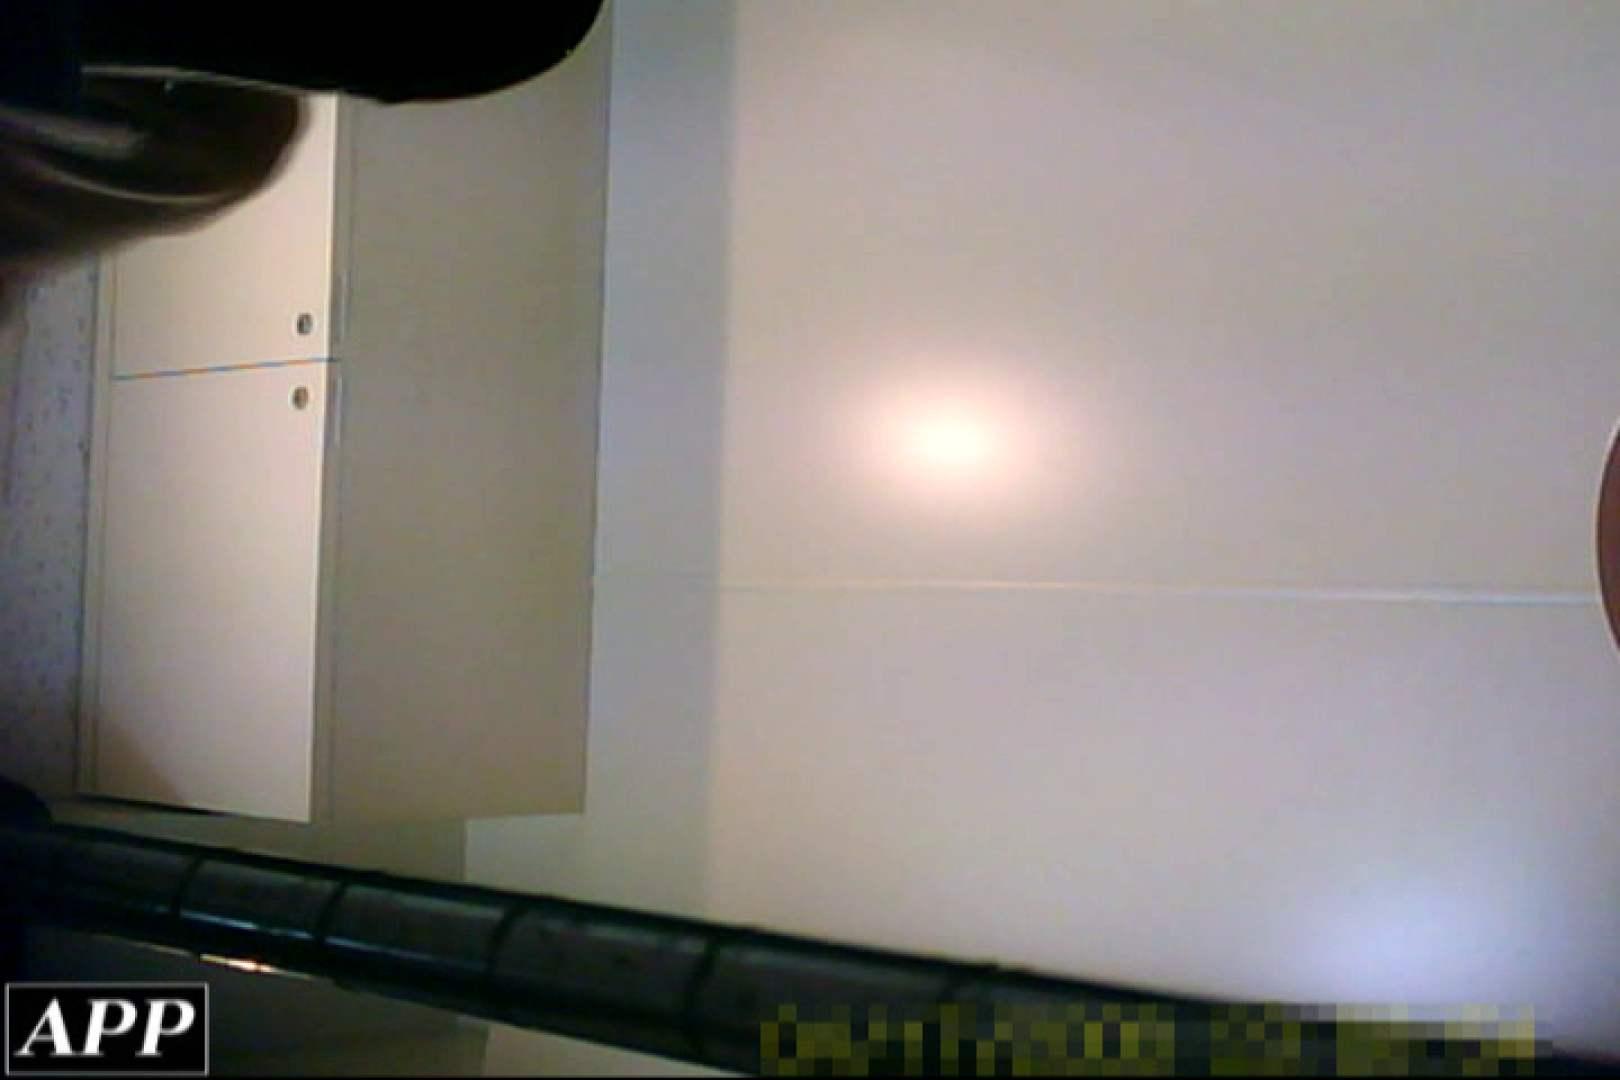 3視点洗面所 vol.145 OLのエロ生活 エロ無料画像 91連発 44